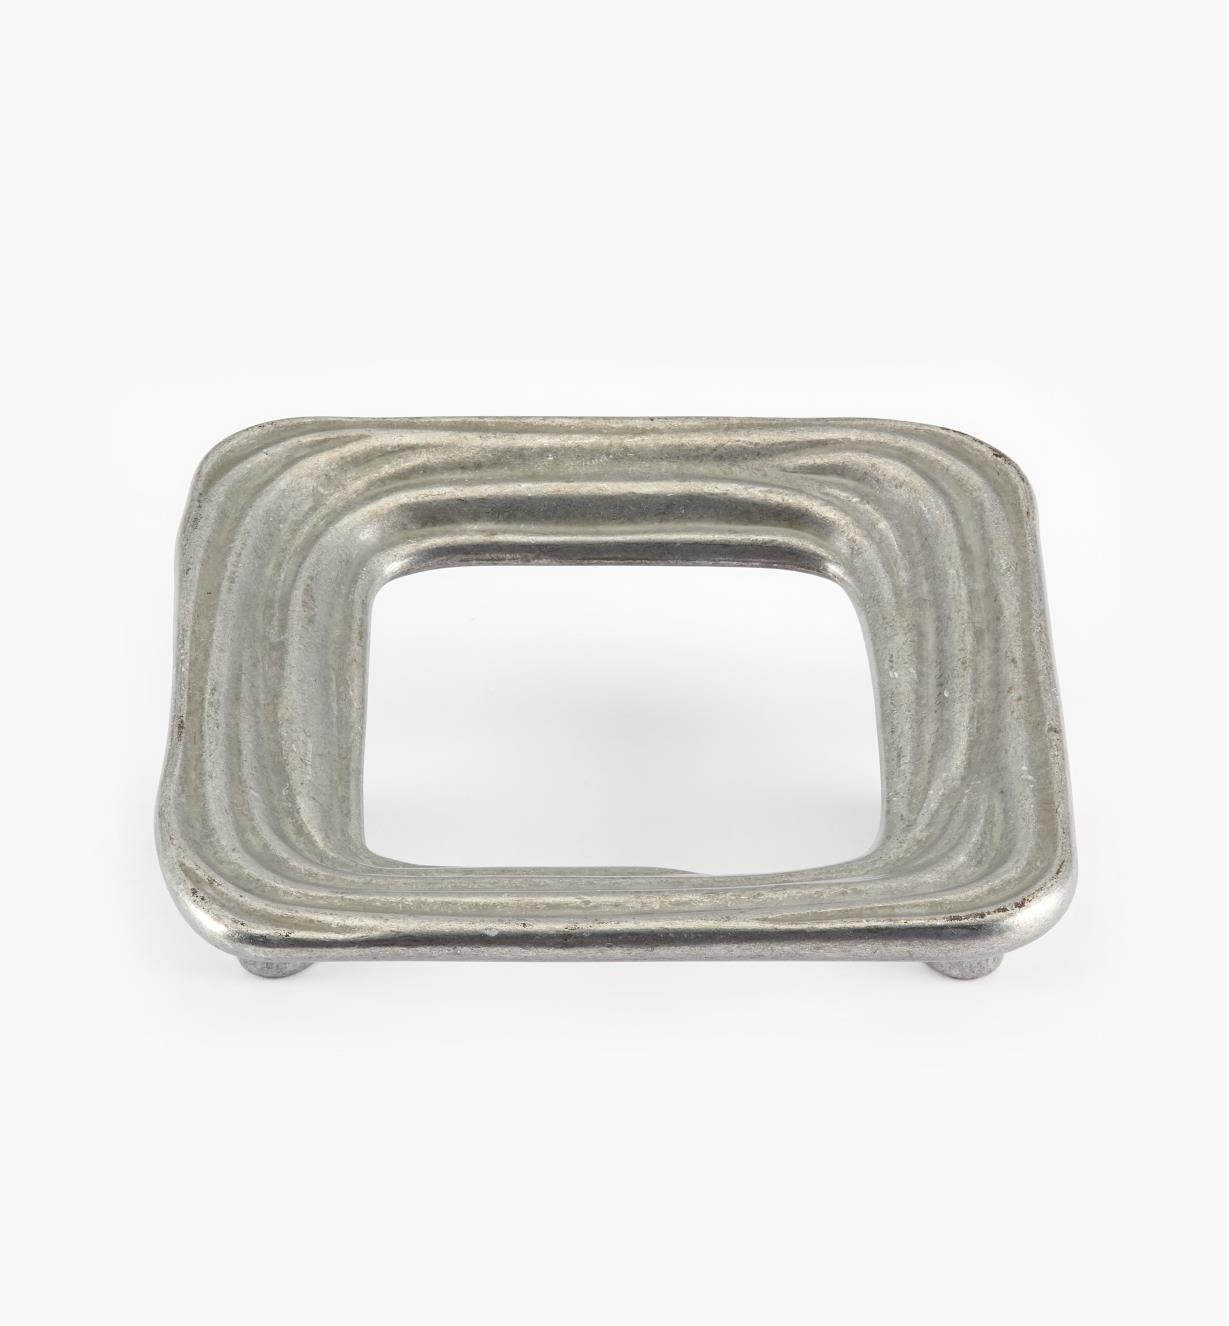 00A7407 - Poignée Oasis carrée, fini nickel poli au tonneau,64mm